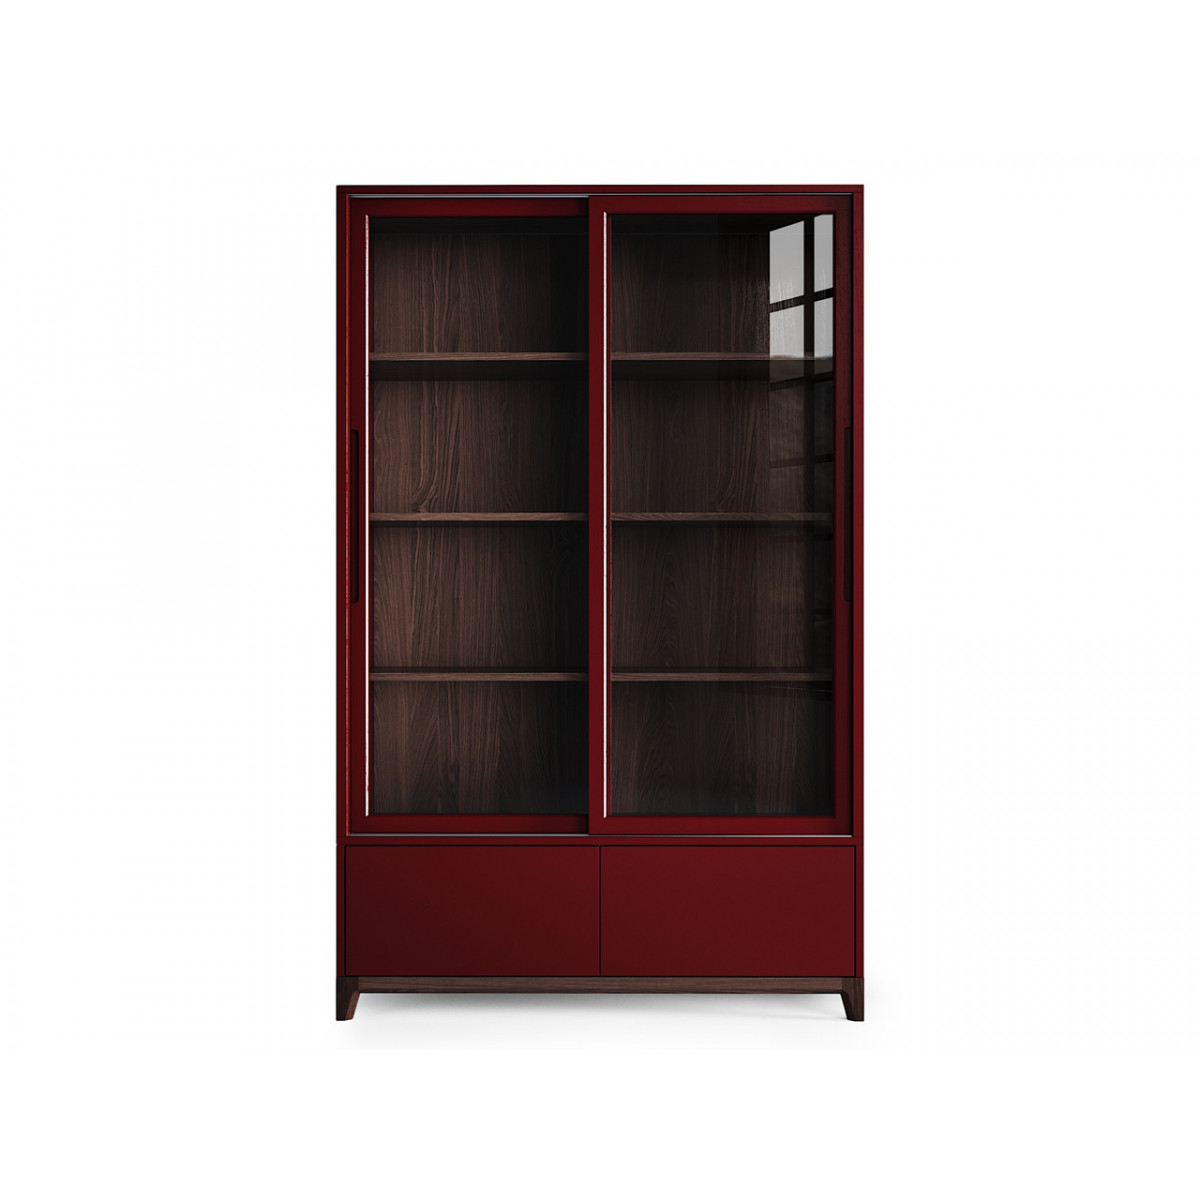 Высокая витрина case (the idea) красный 121x190x45